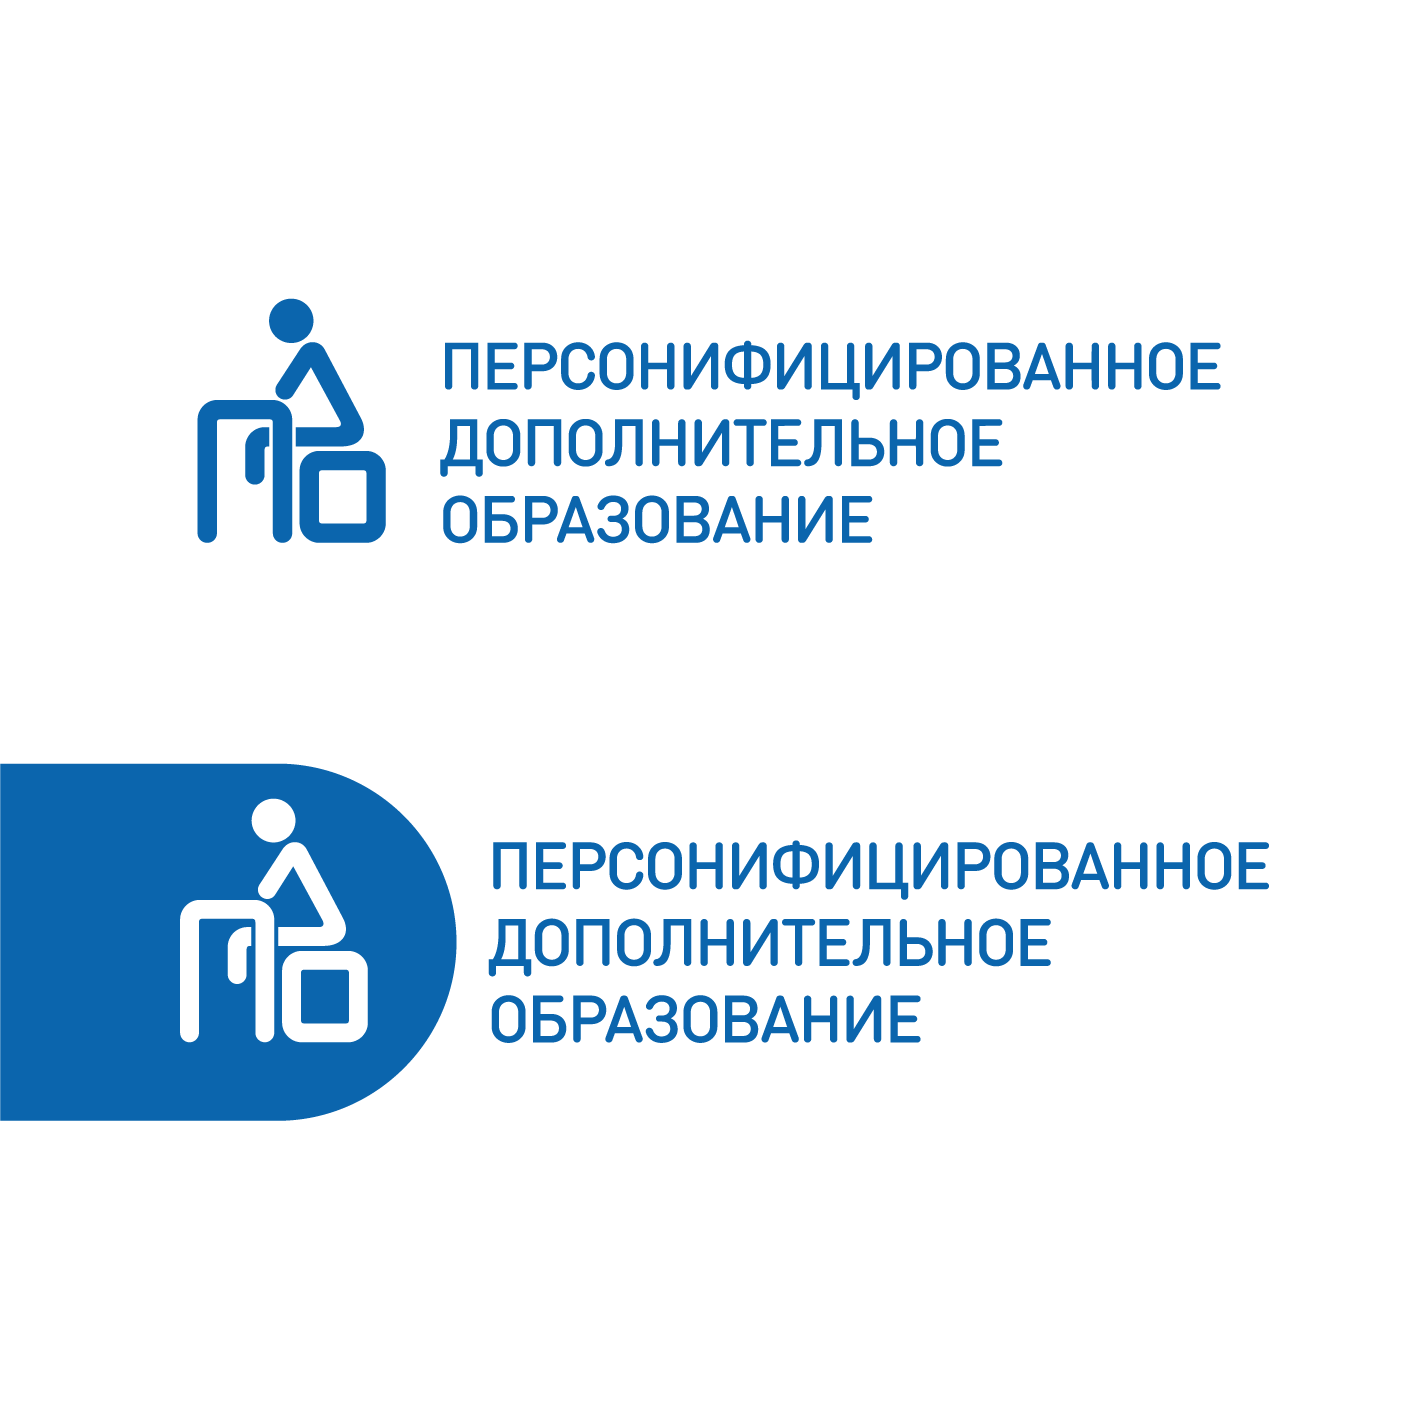 Логотип для интернет-портала фото f_9415a4535a6b01f8.png